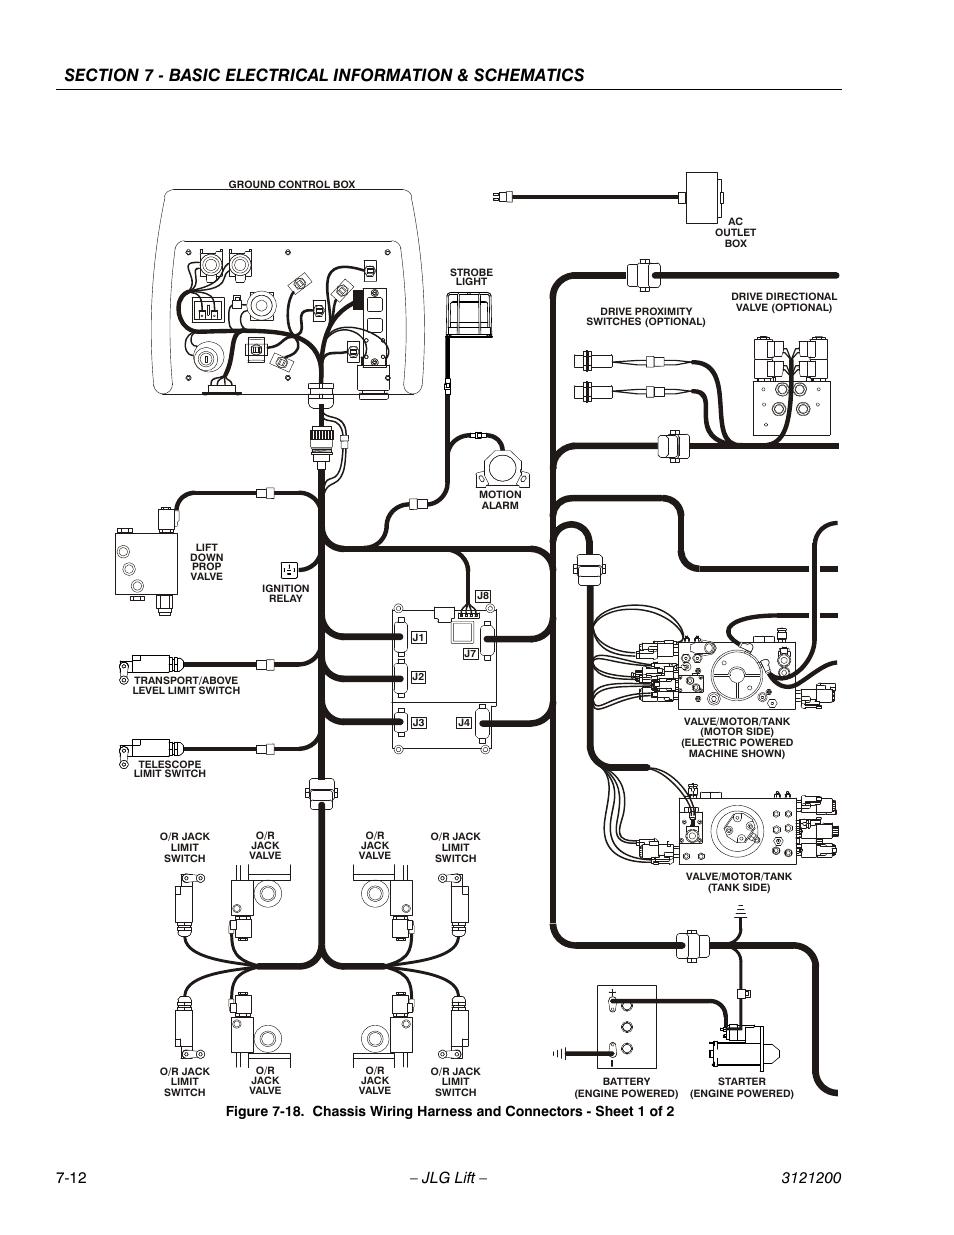 Jlg Wiring Schematic